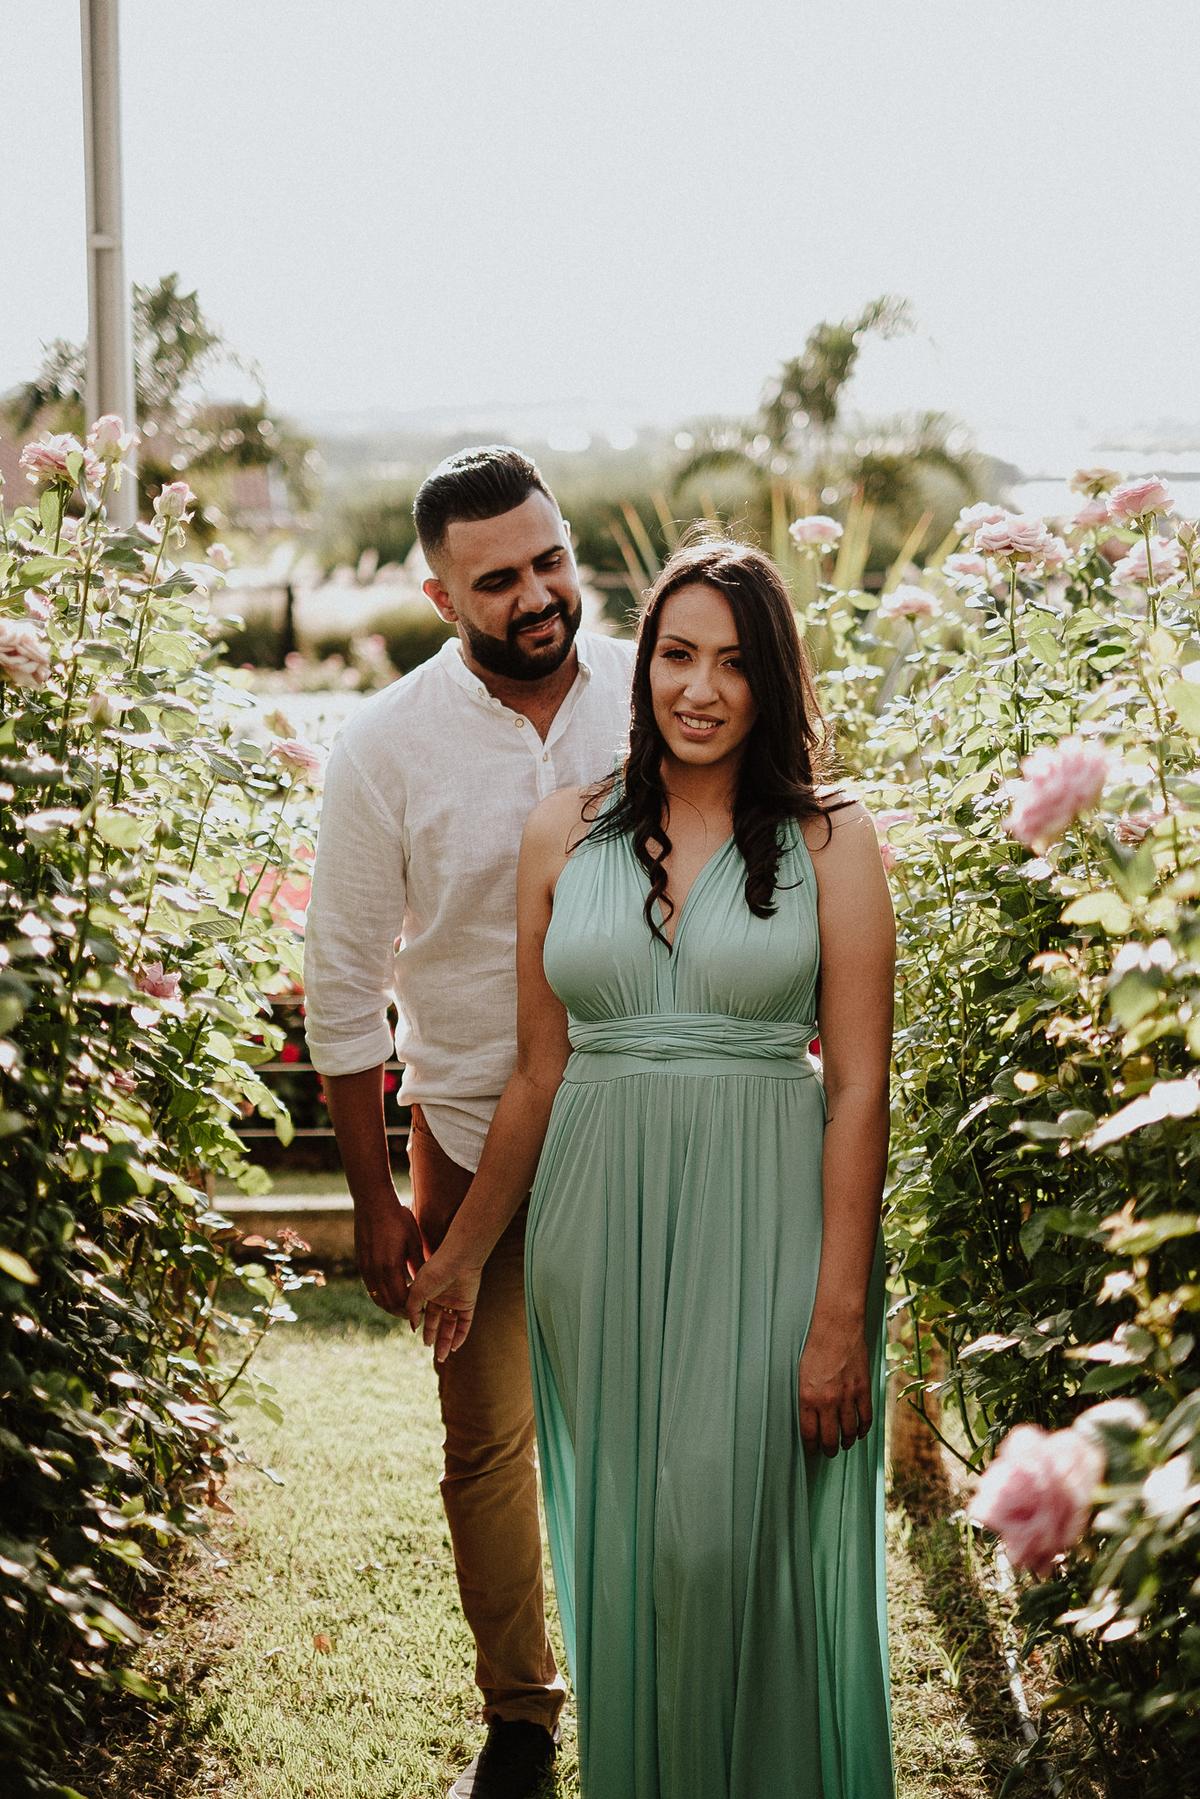 ensaios no campo pre wedding fotografos de casamento holambra  fotos por caio henrique  ensaio casal sorrindo  casamentos no campo